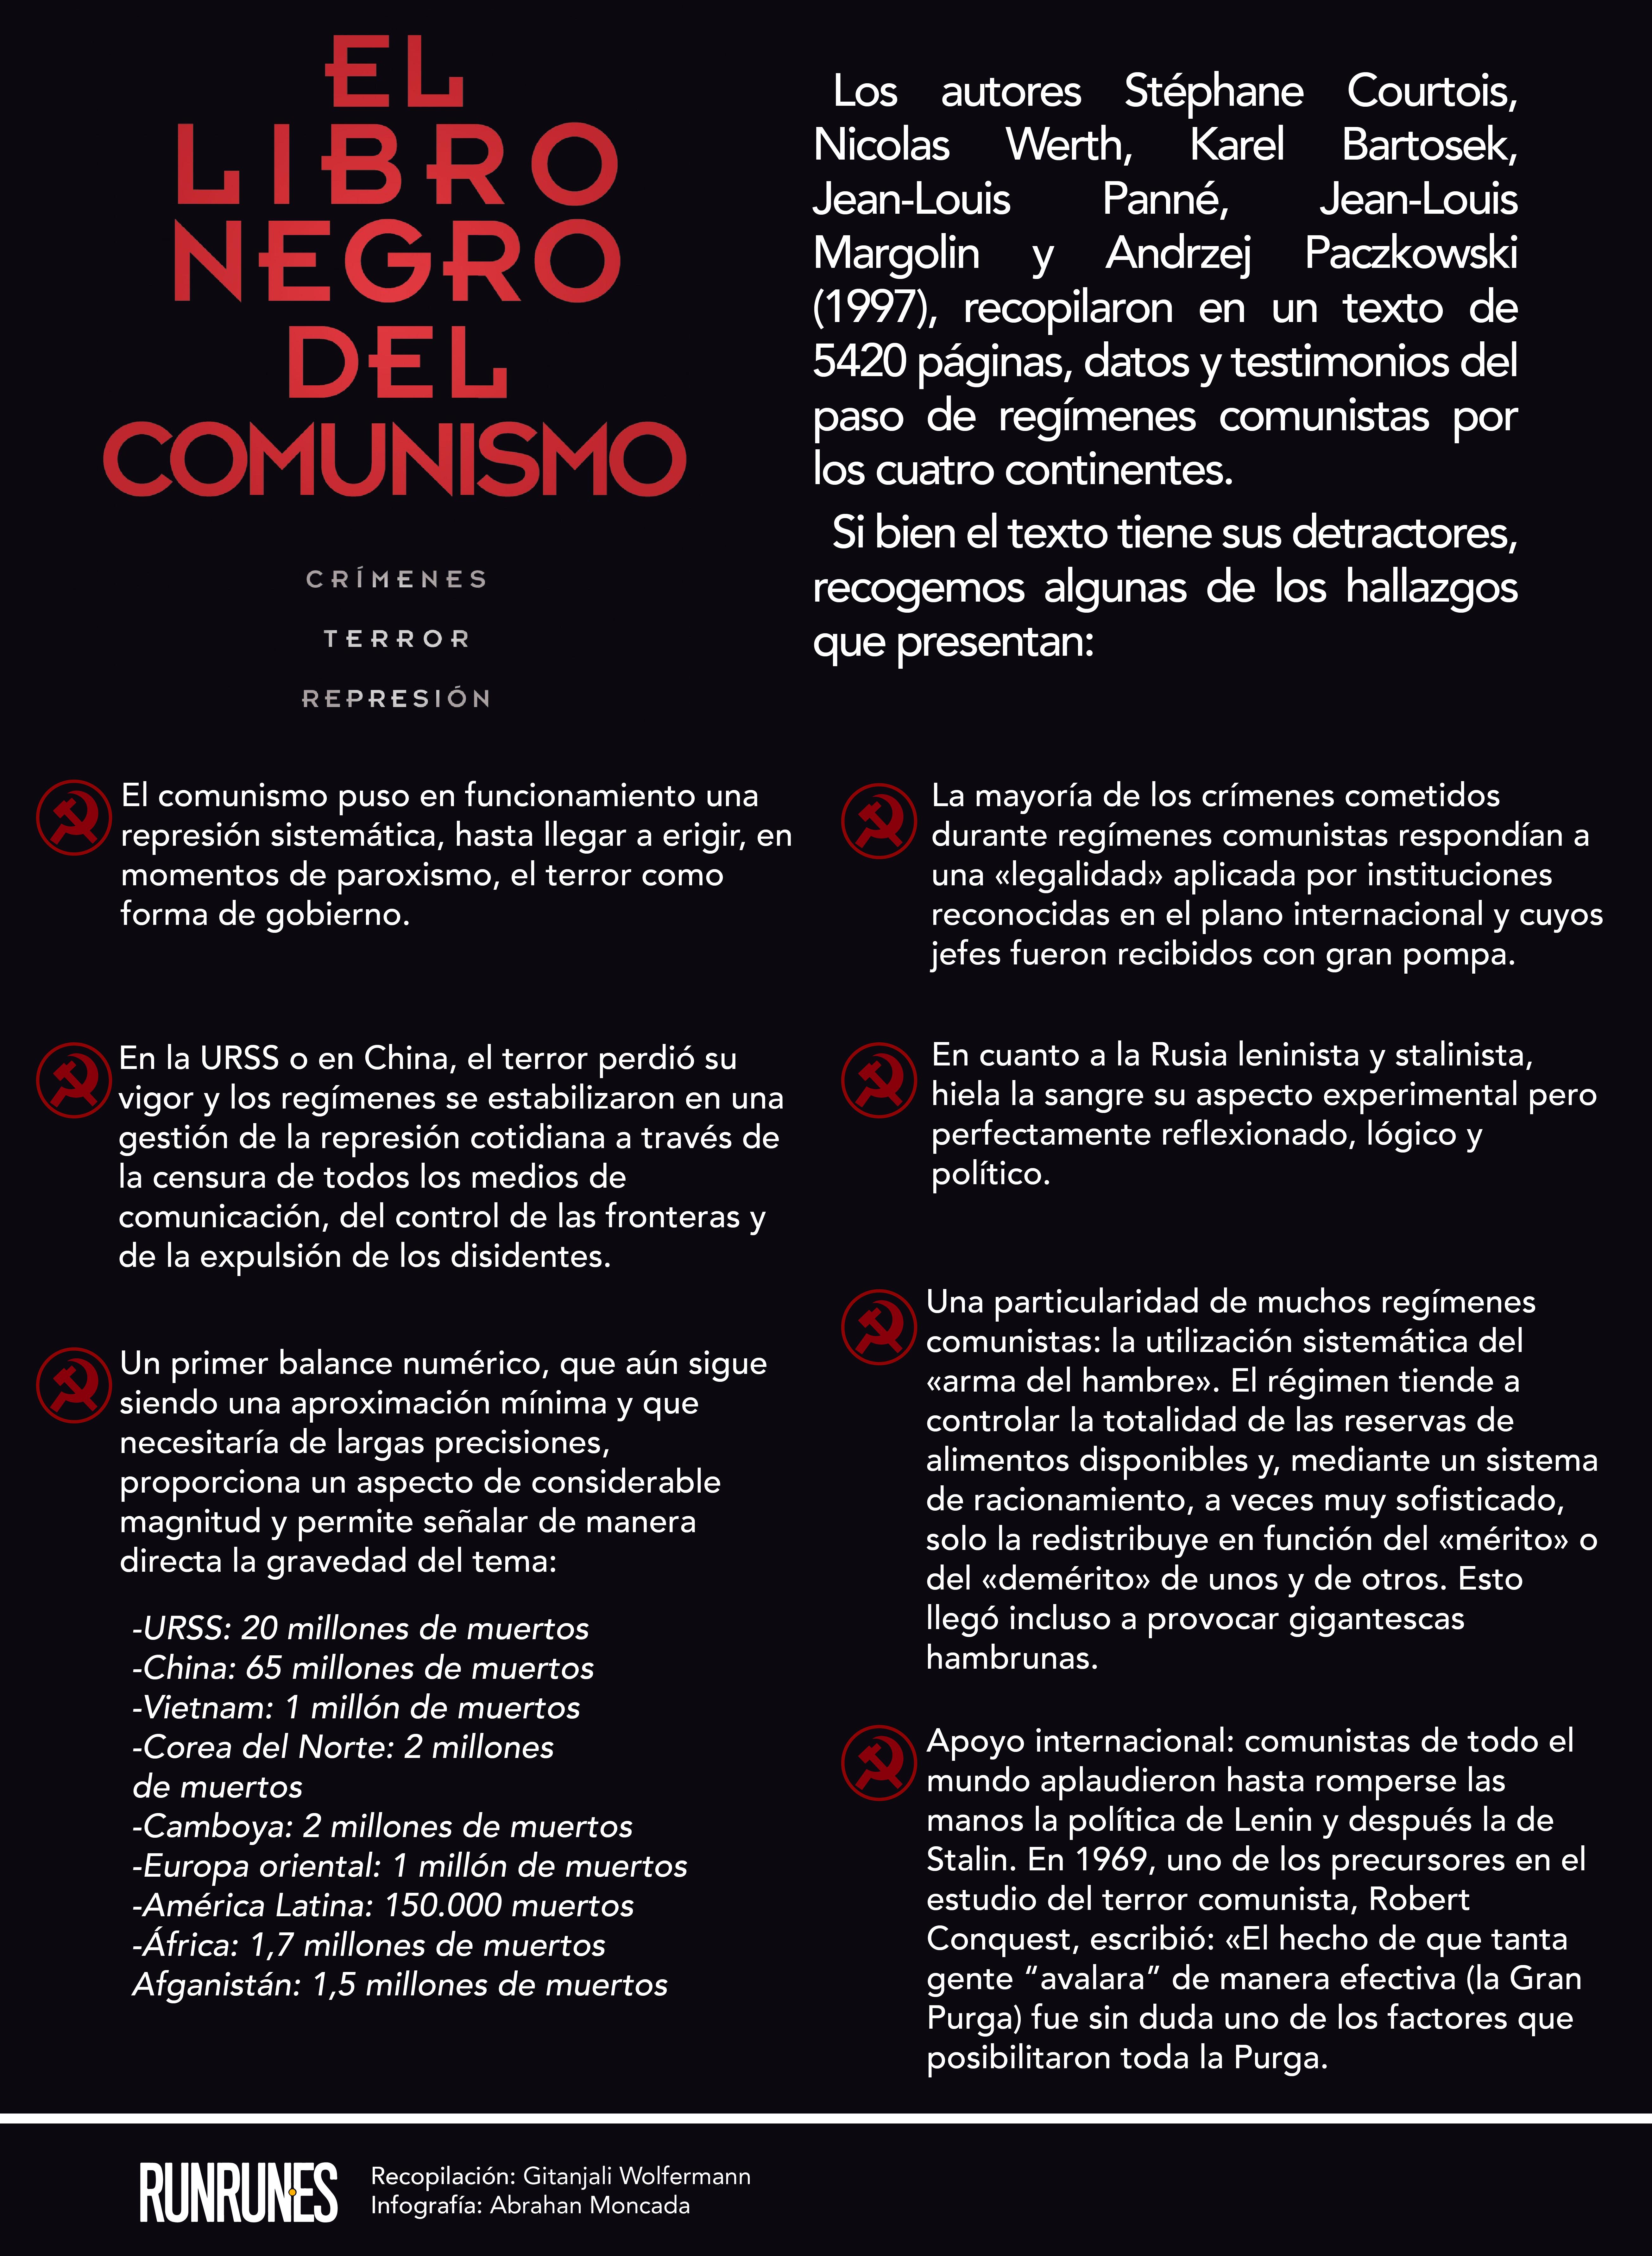 libro negro del comunismo1997 giti-01-01